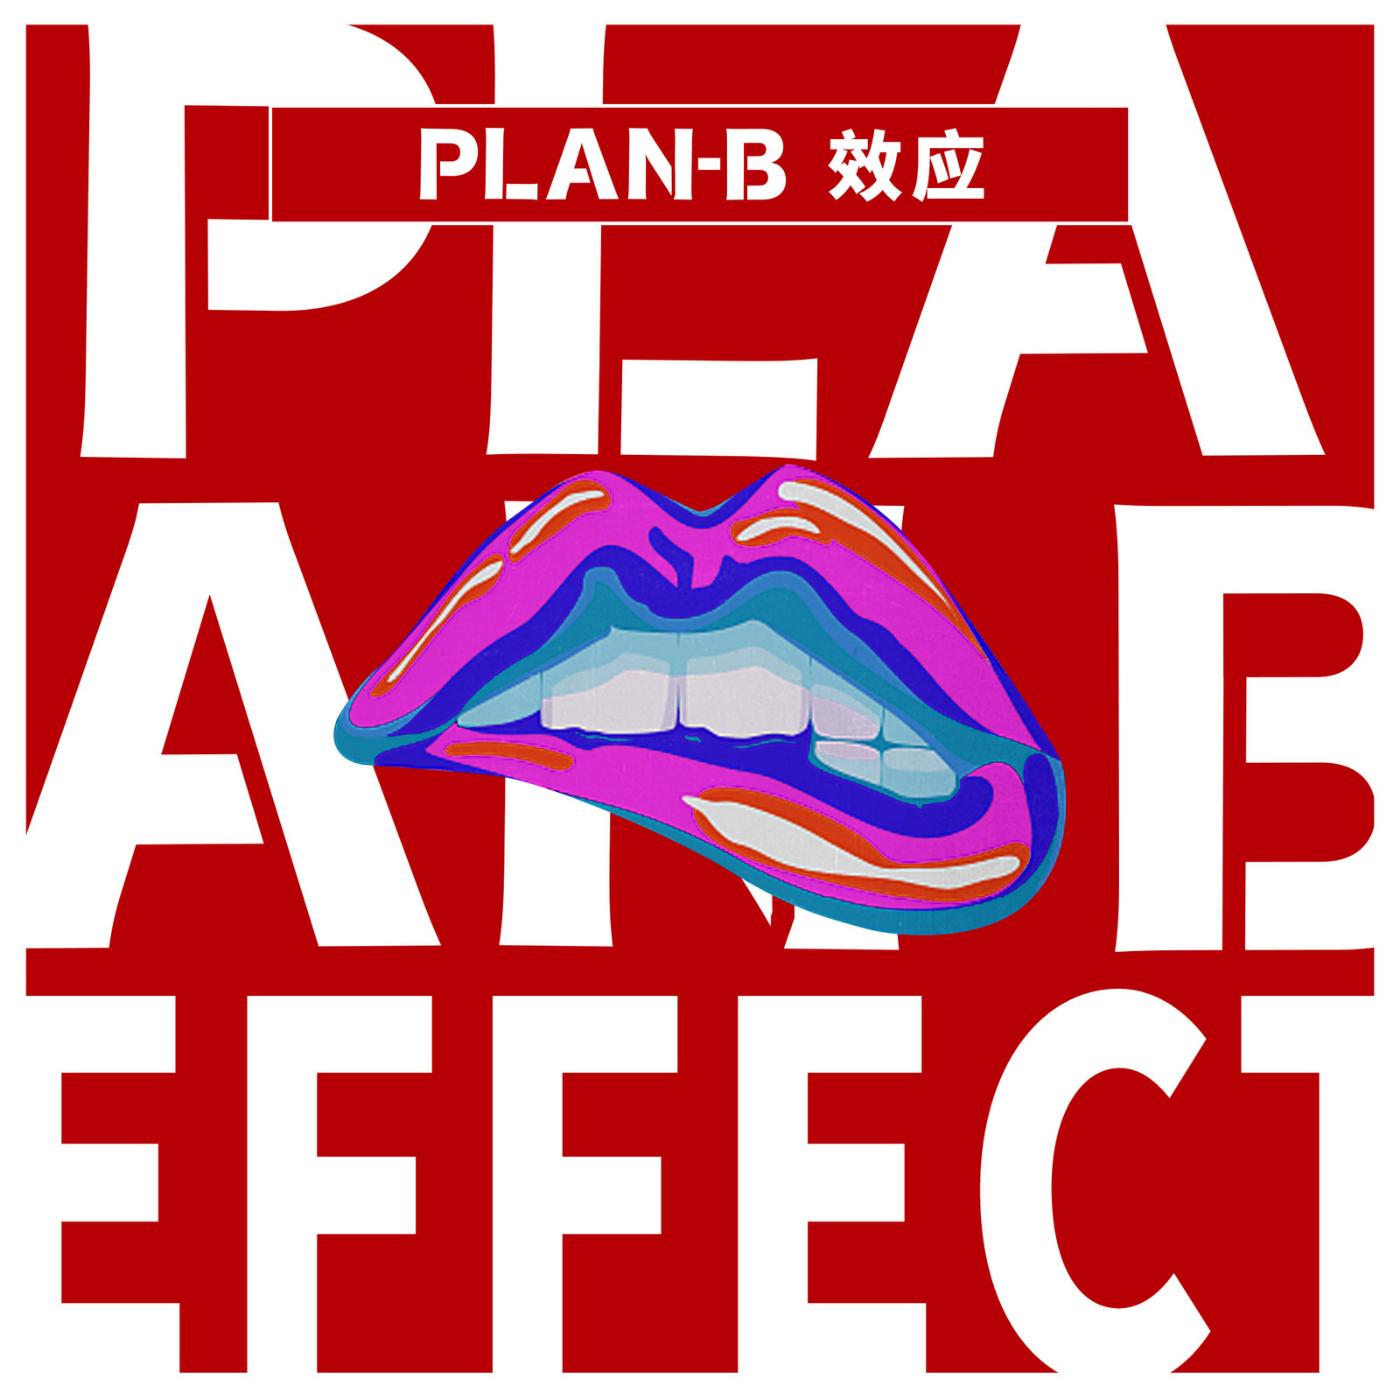 PLAN- B效应